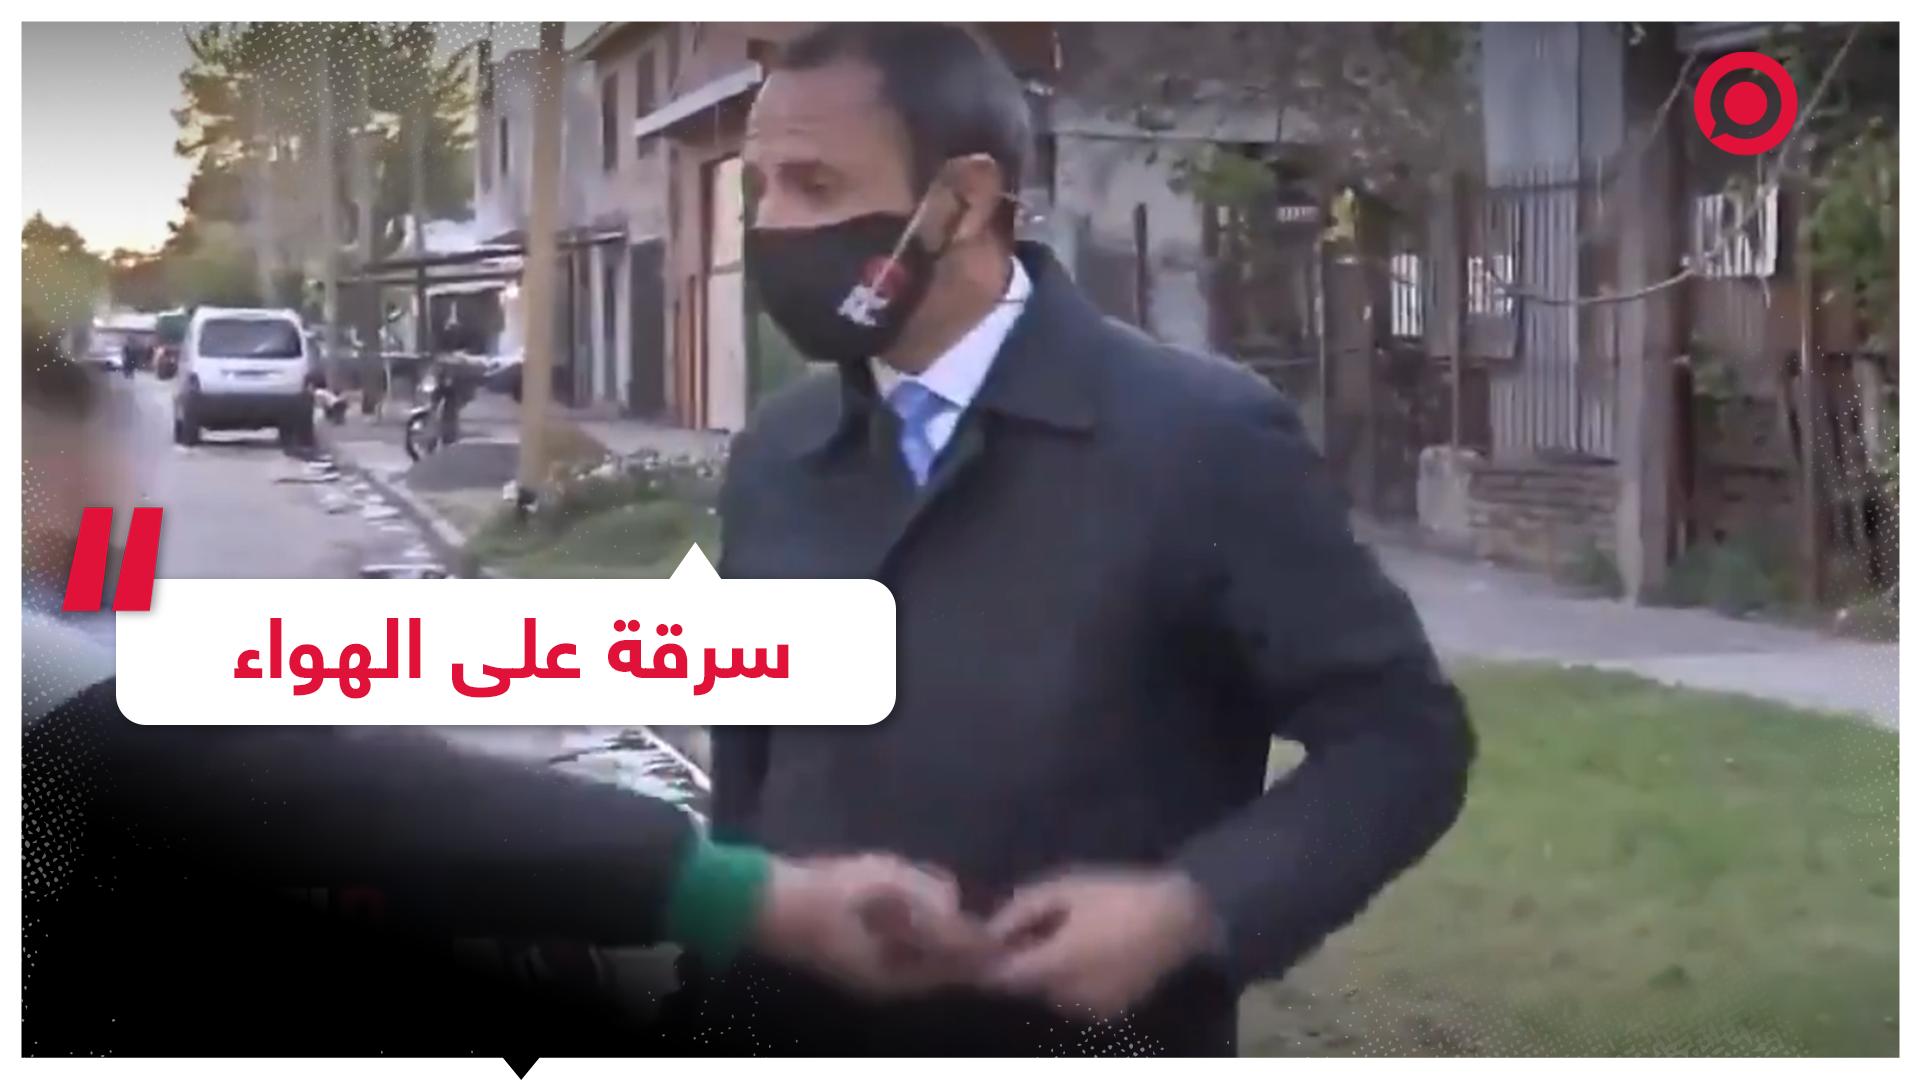 مراسل أرجنتيني يتعرض للسرقة على الهواء مباشرة